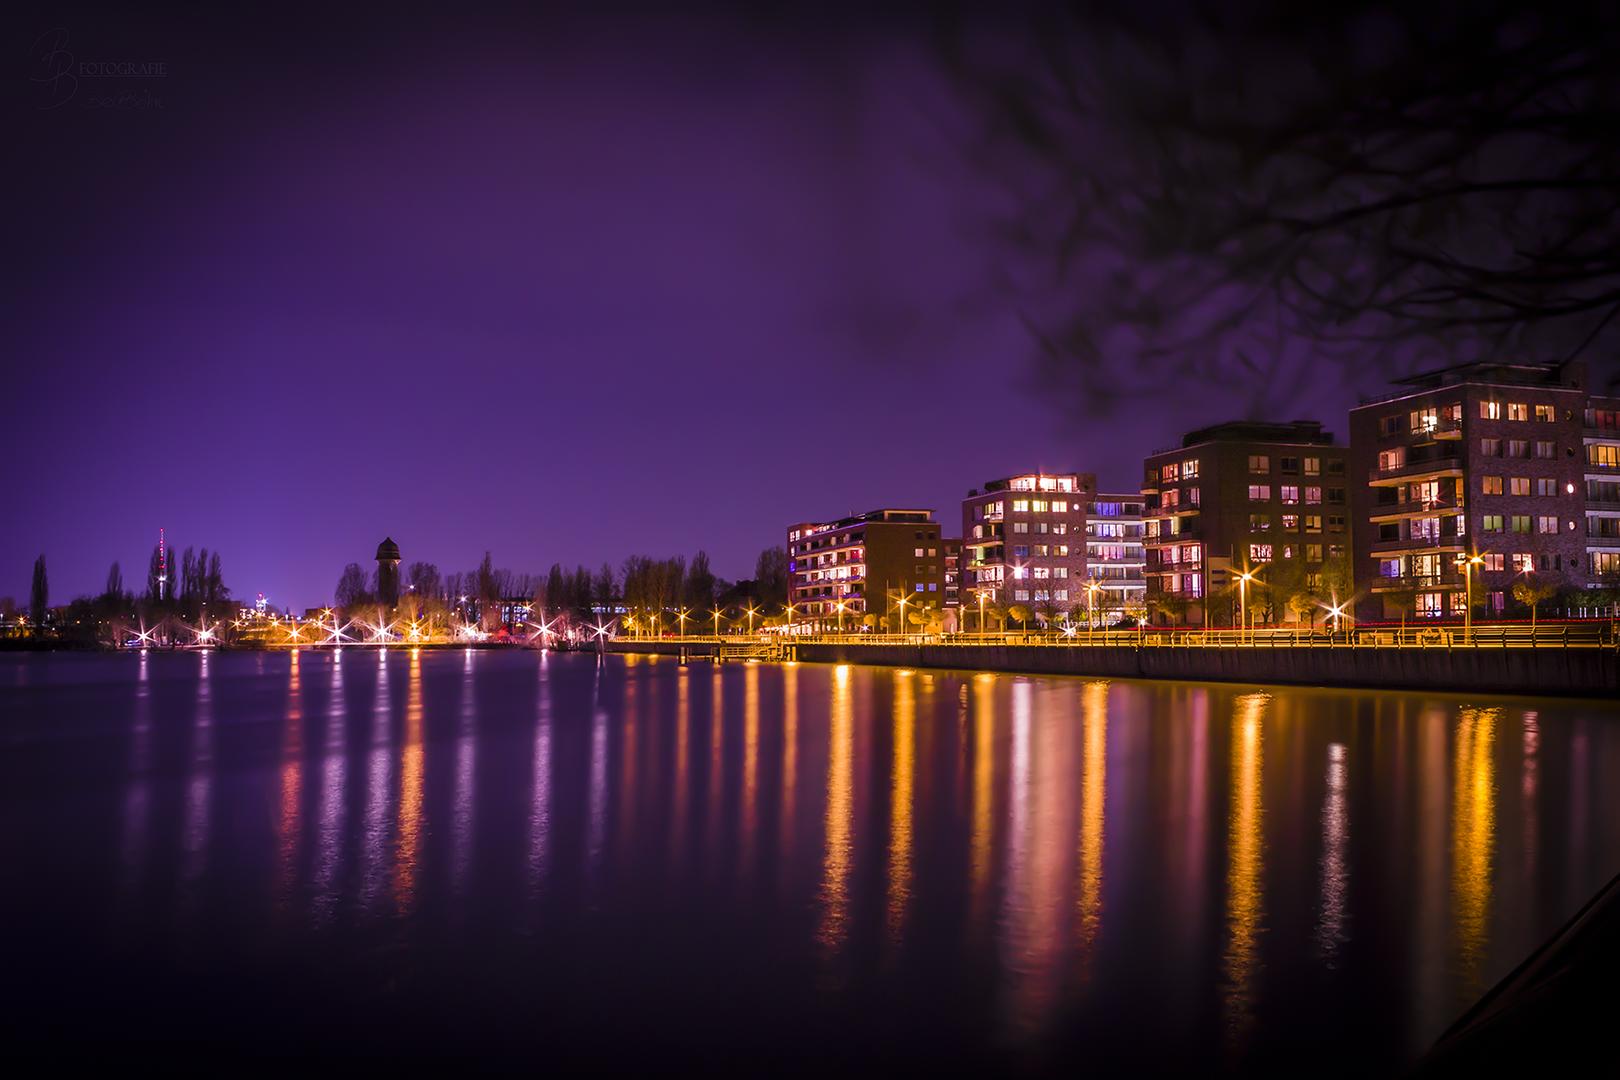 08 Rummerlburger Bucht Berlin bei Nacht